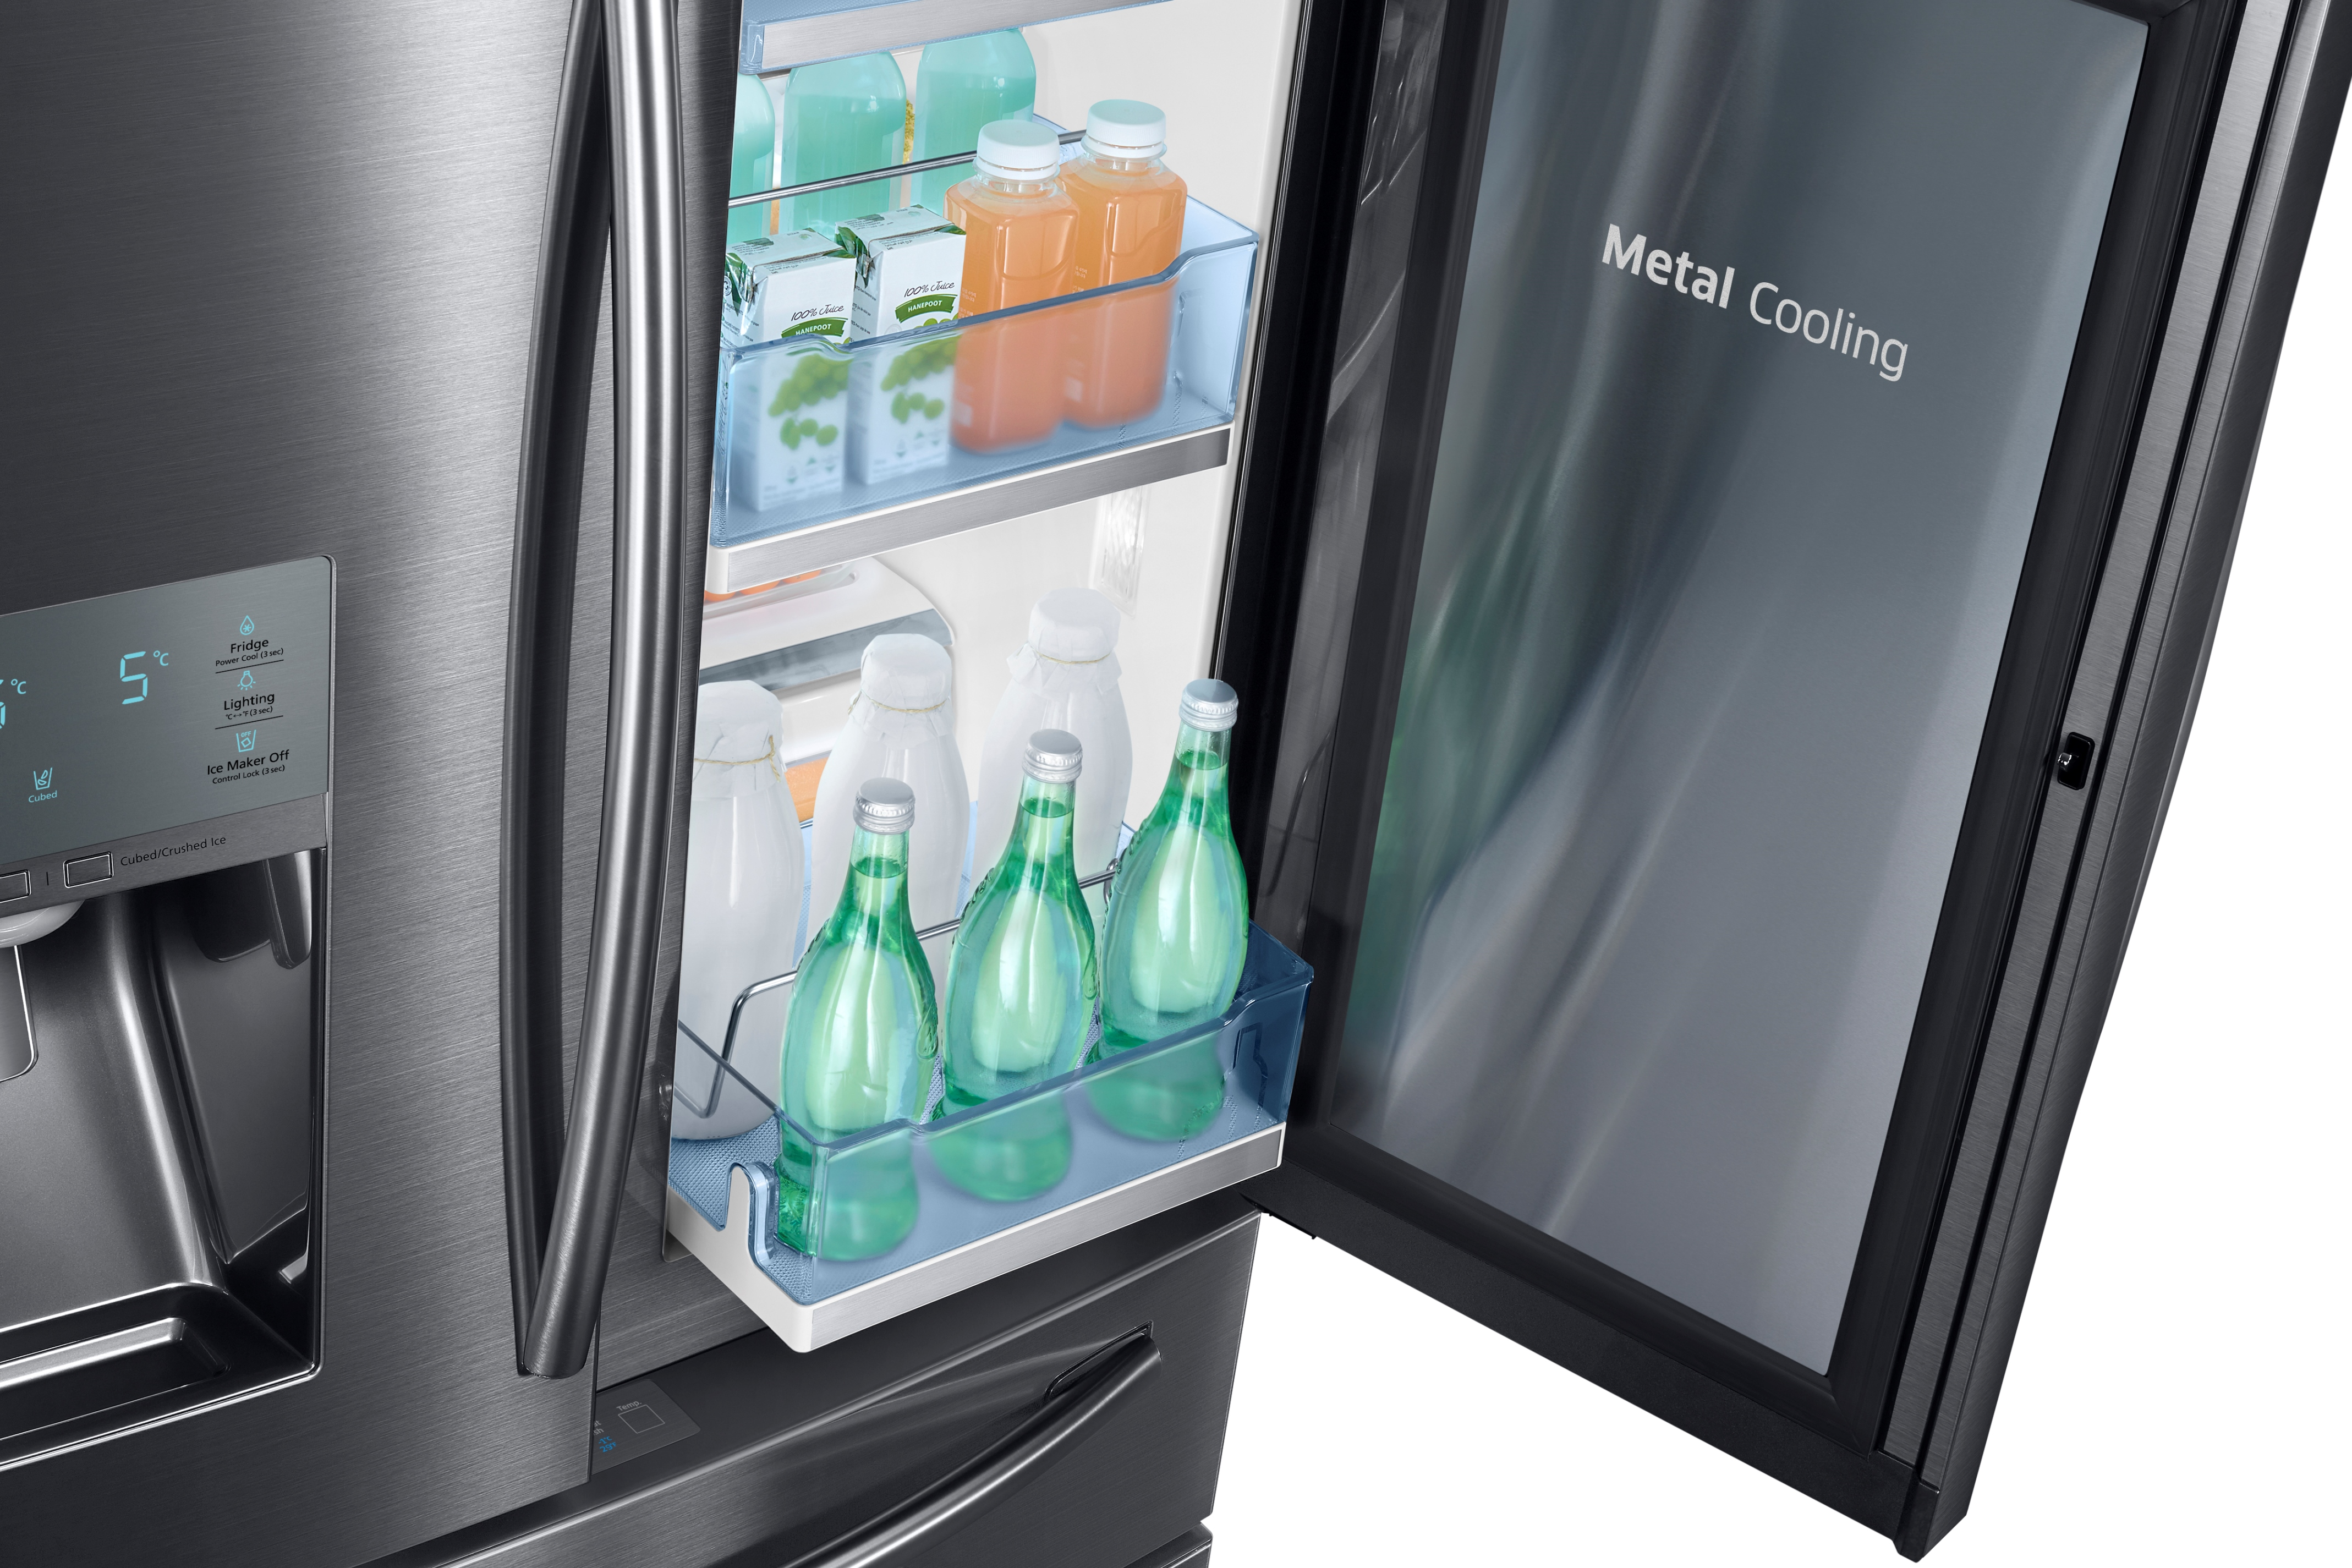 Samsung RF28JBEDBSG 28 cu. ft. Capacity 4-Door French Door Food Showcase Refrigerator Black Stainless Steel